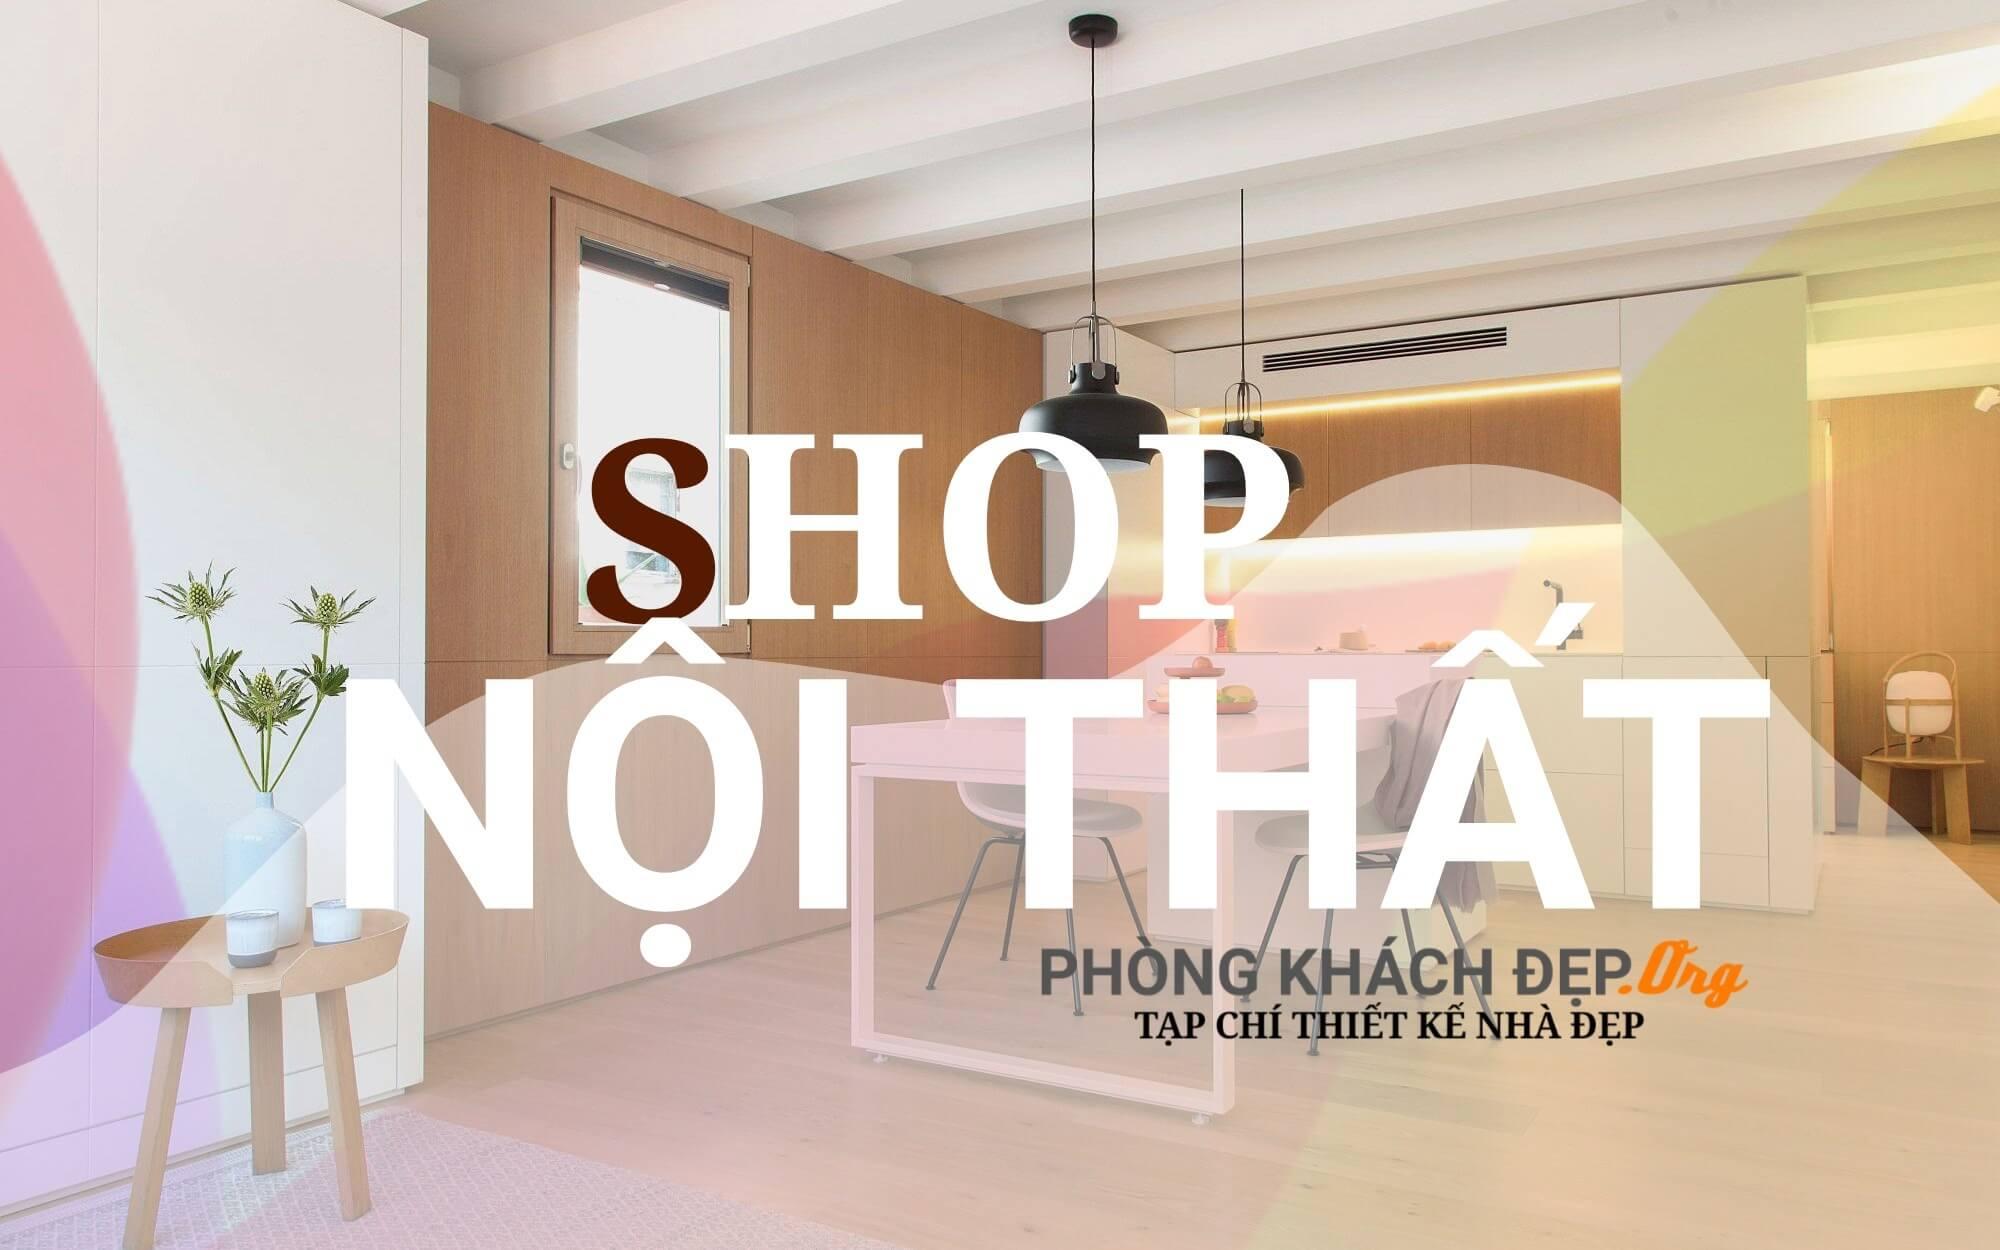 Shop nội thất Sài Gòn